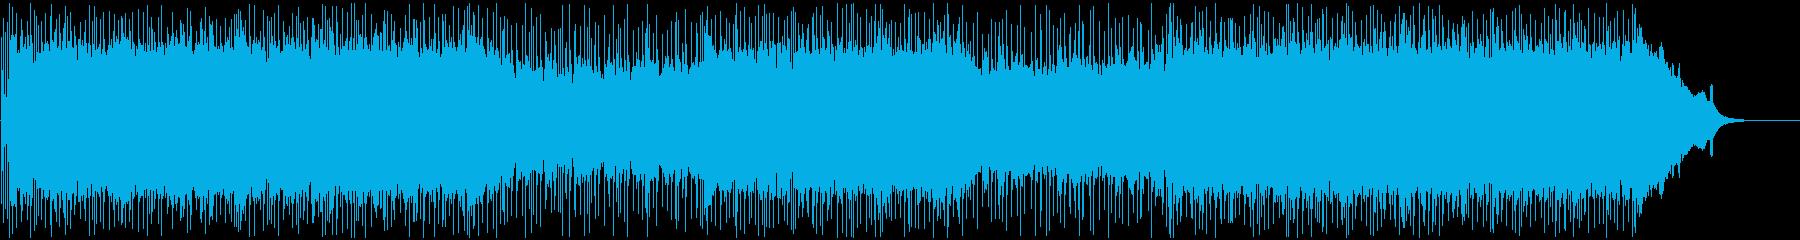 シンプルで前向きなポップ・ロックの再生済みの波形